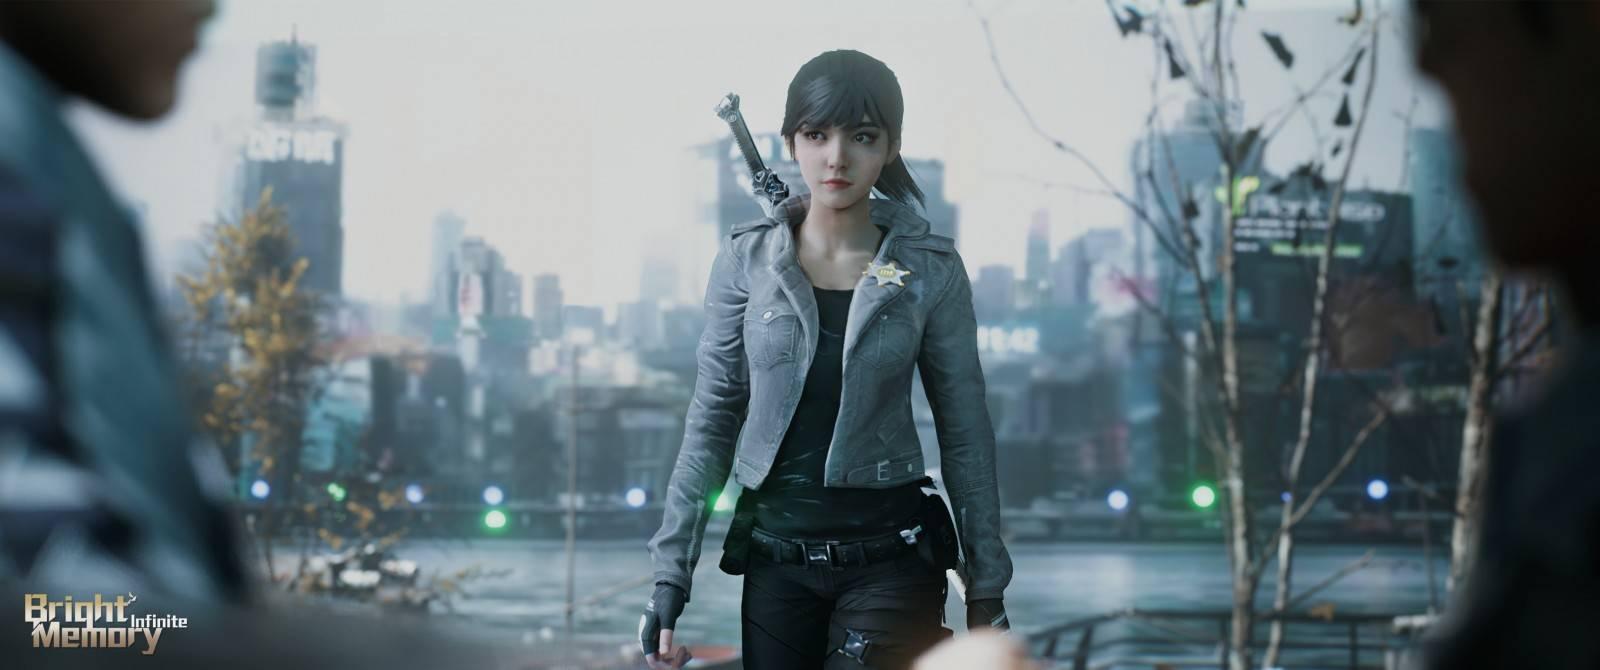 Bright Memory Infinite estrena tráiler de cara a su lanzamiento este 2021 en Xbox Series X|S y PC 1